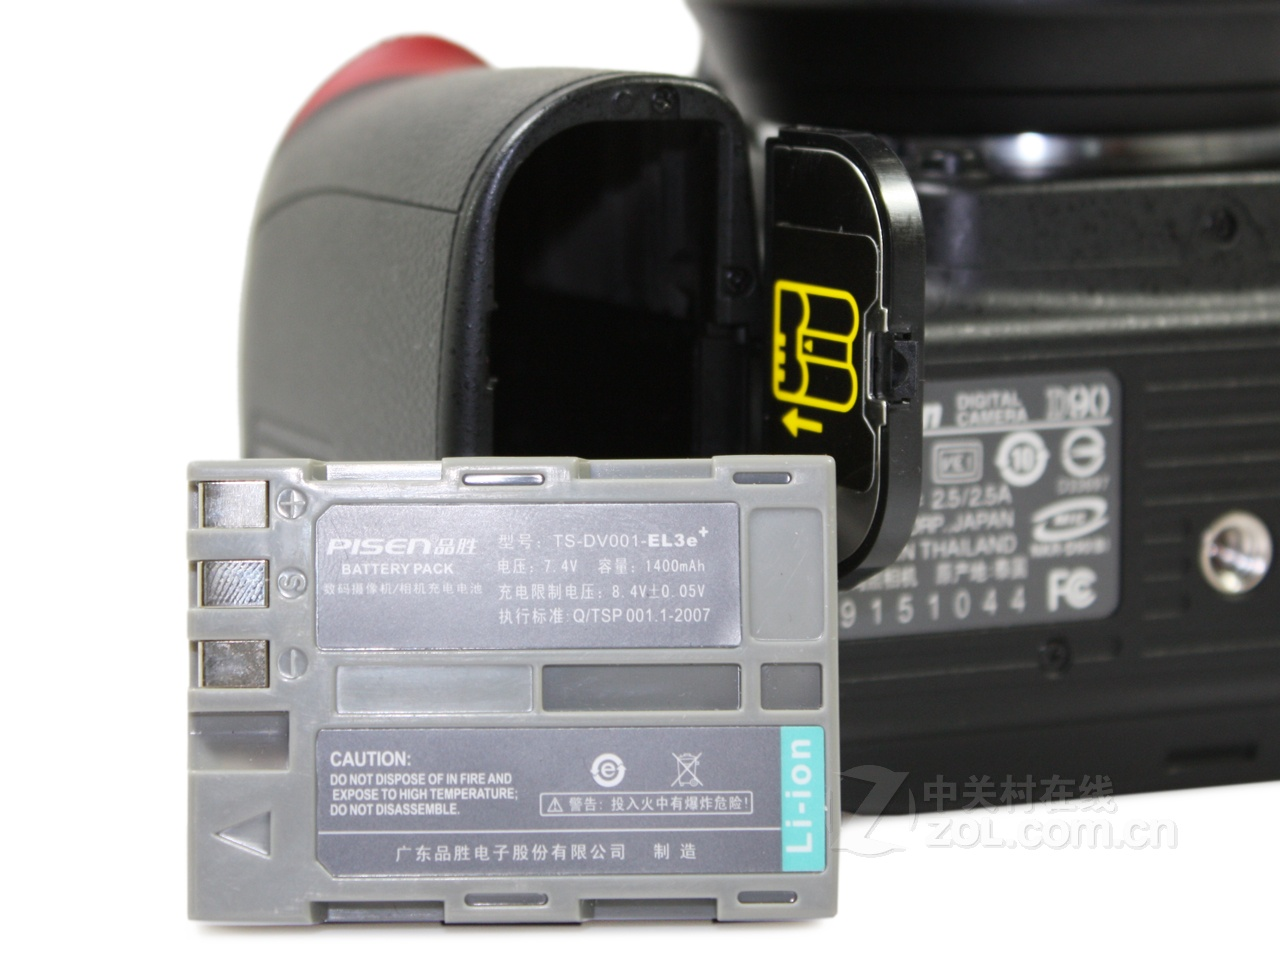 【原始大图】尼康d90系列电池仓图片欣赏-zol中关村